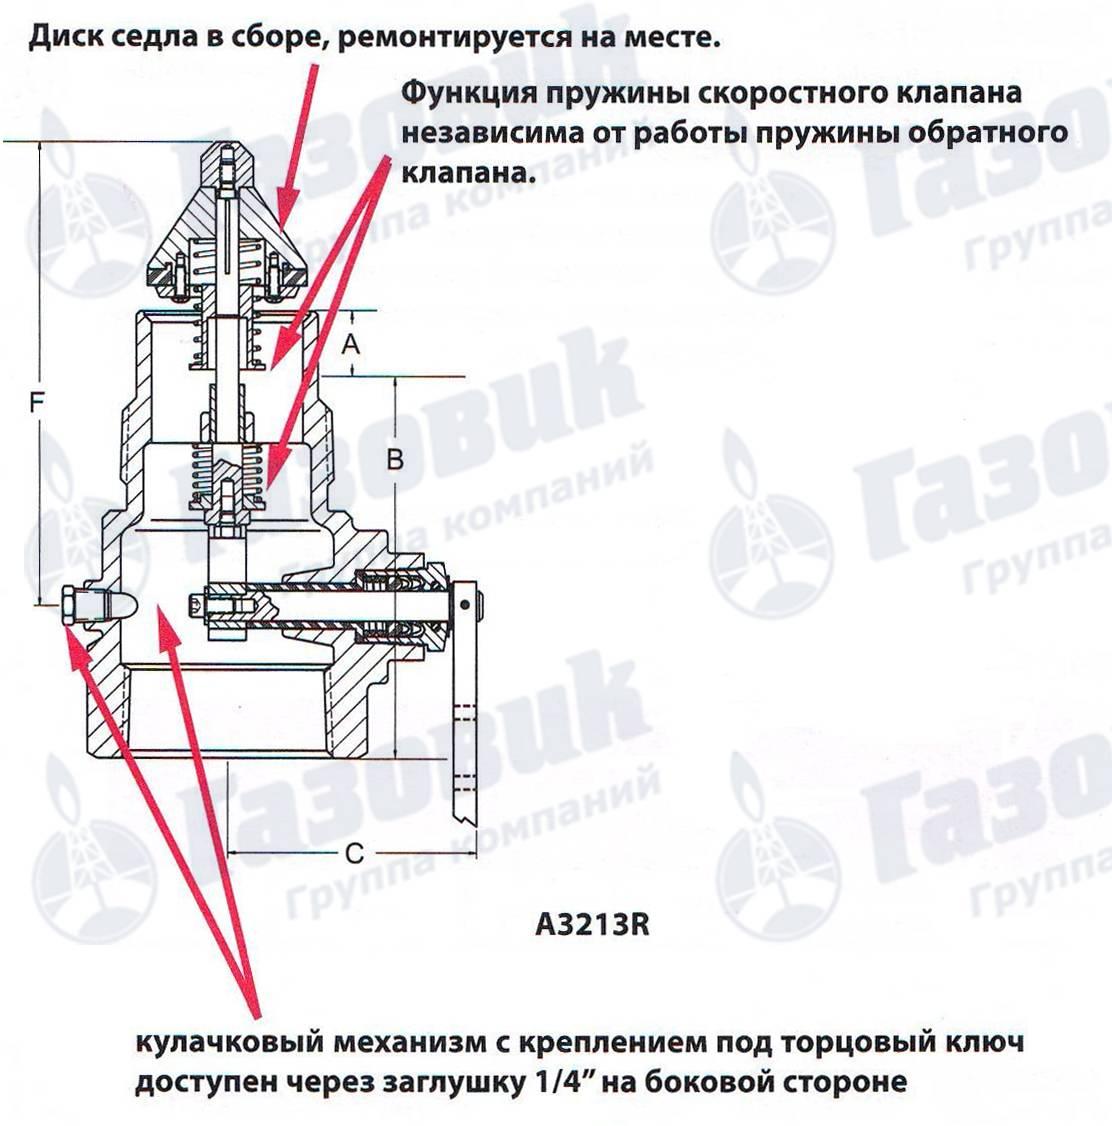 Что такое донный клапан в смесителе и какова его функция - жми!